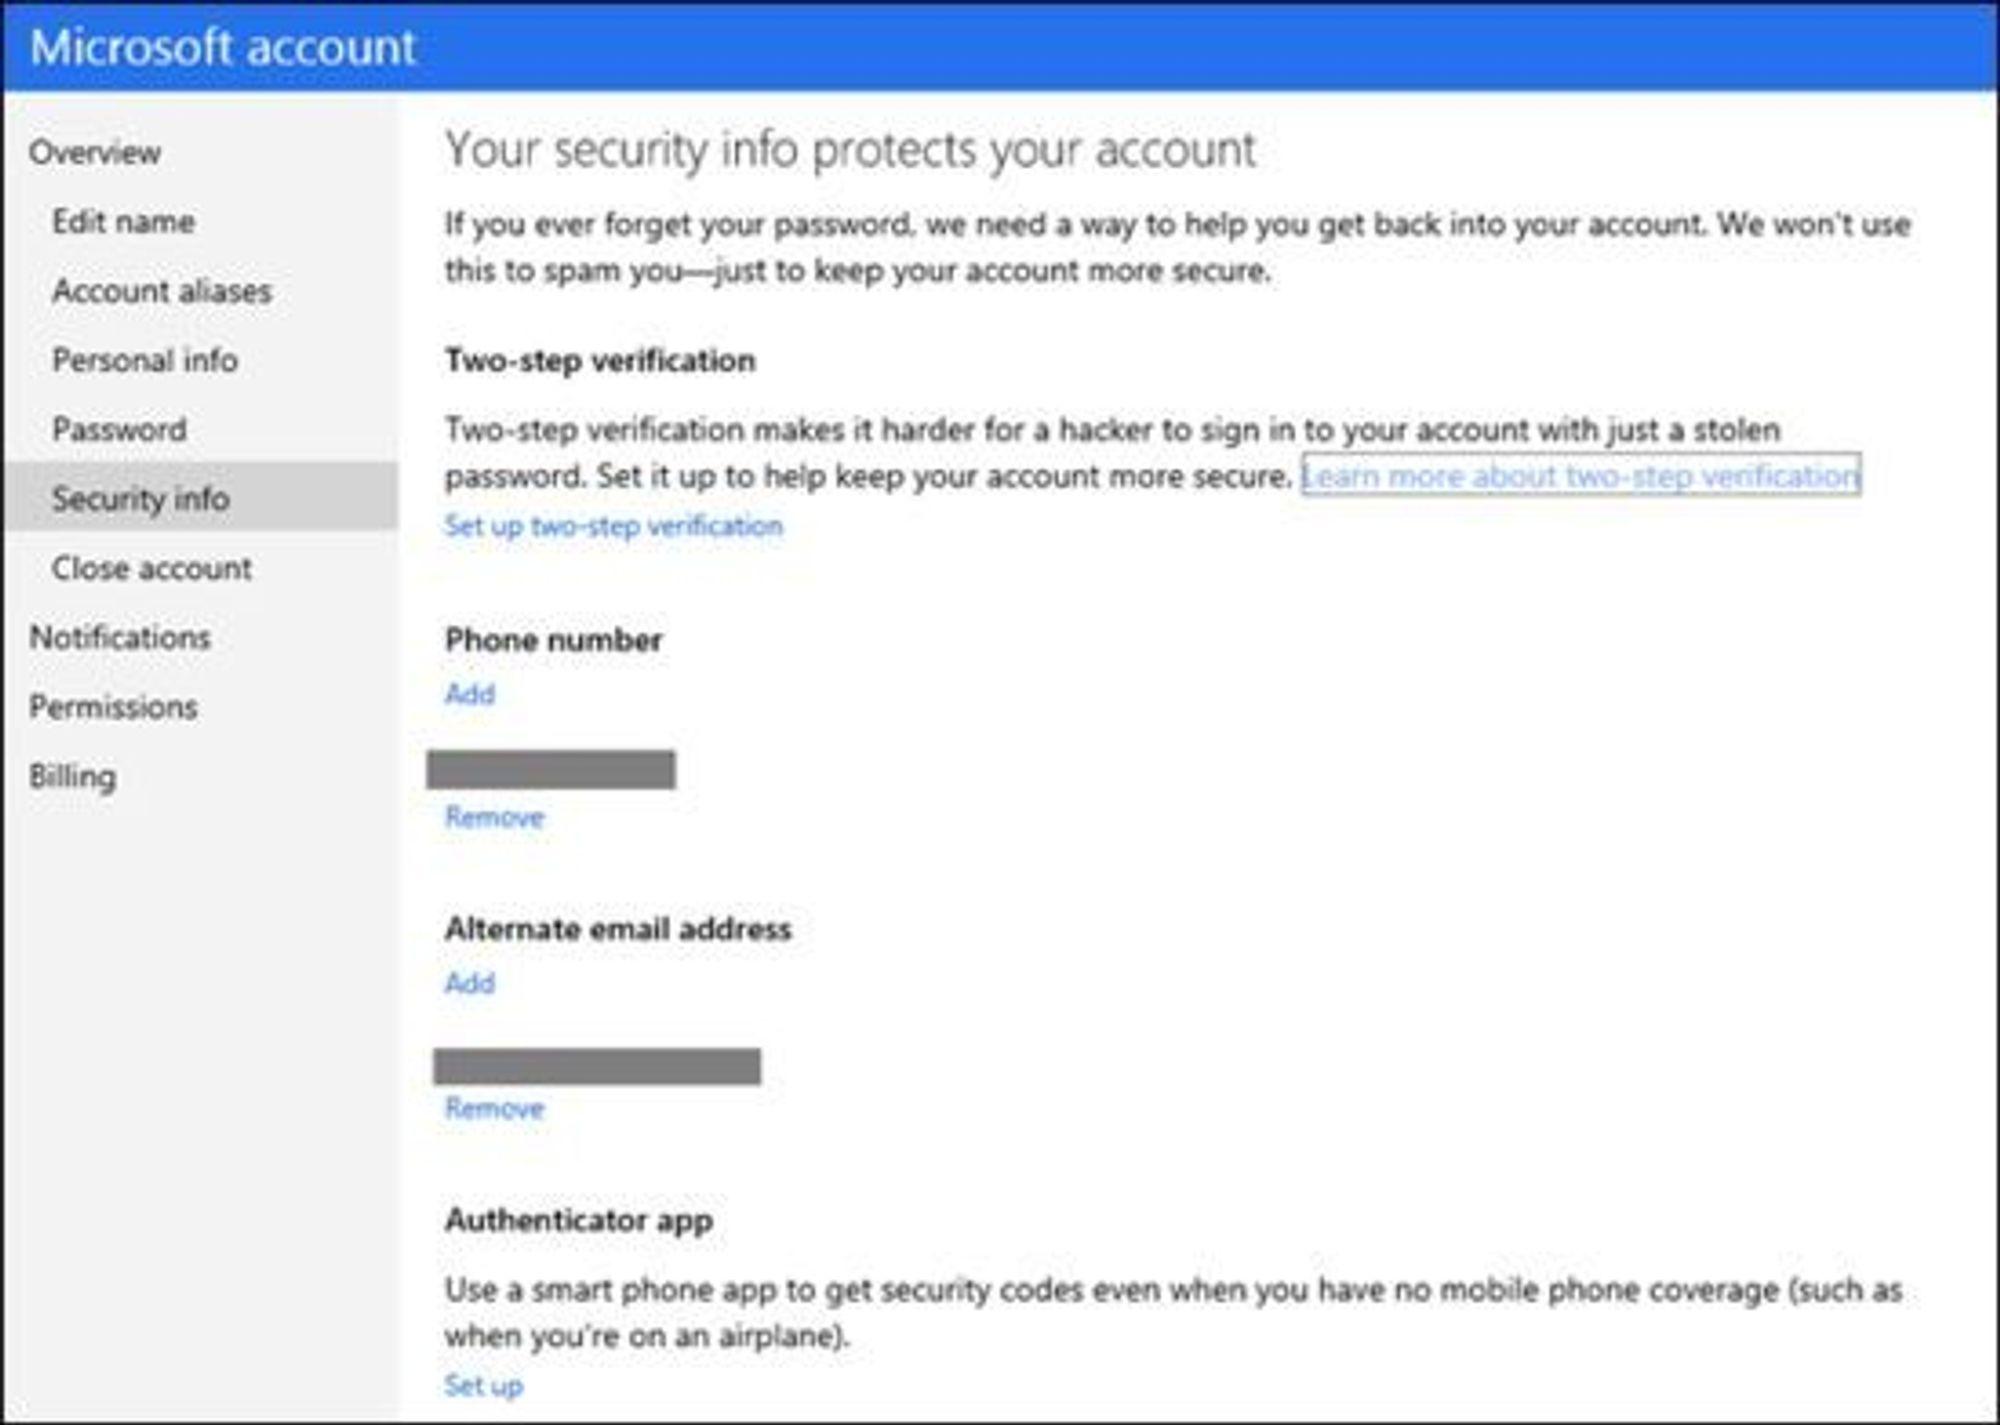 Dialogen for å aktivere to-trinn verifisering av Microsoft-kontoer. Nederst finnes også instruksjoner om hvordan man tar i bruk autentiseringsapplikasjonen.